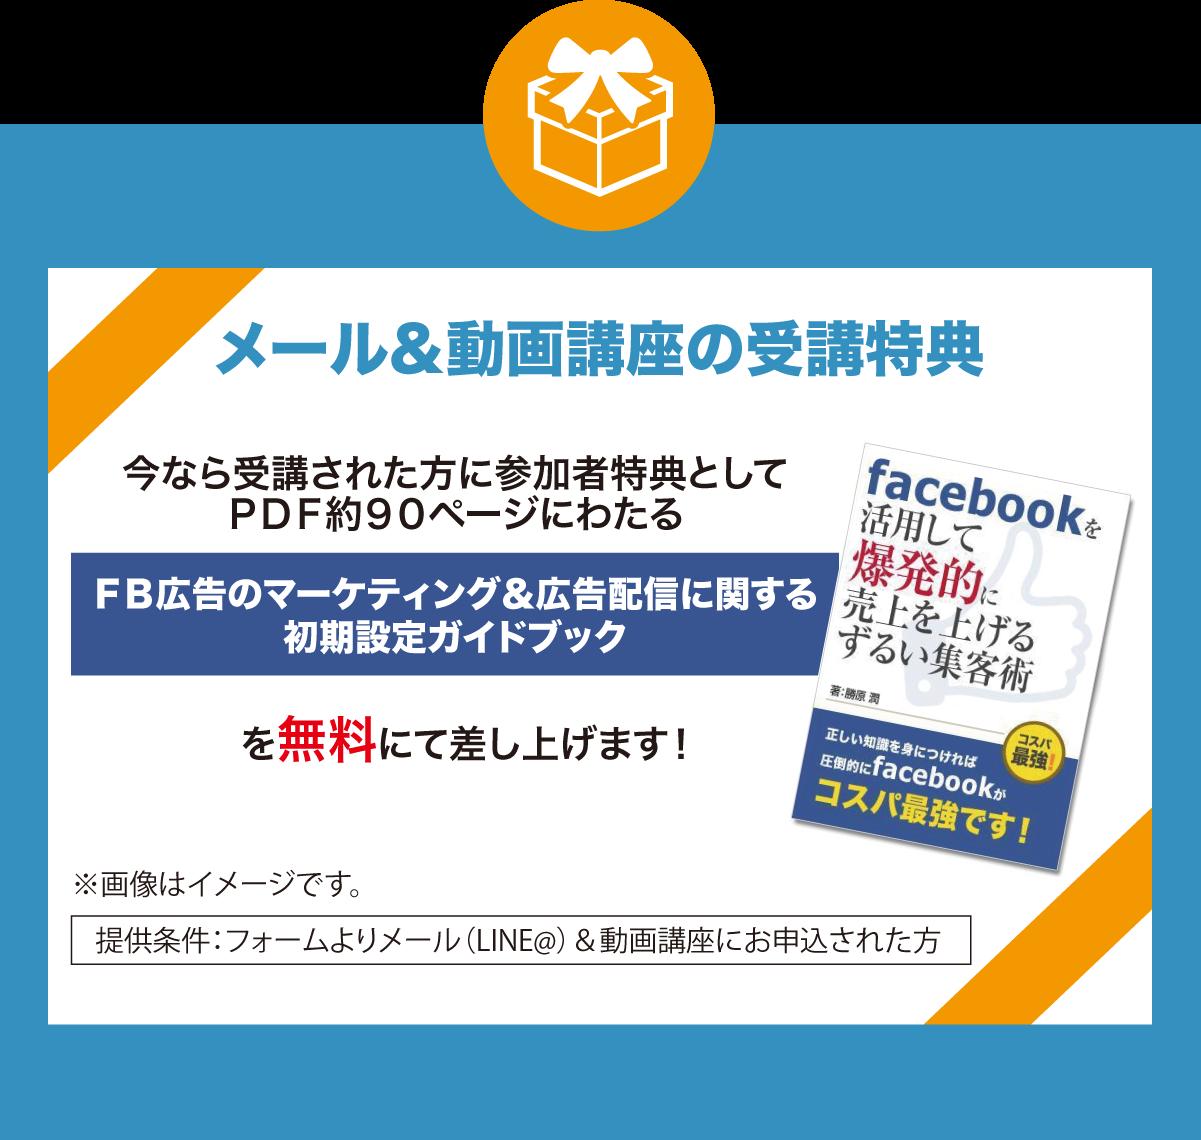 メール&動画講座の受講特典 今なら受講された方に参加者特典としてPDF約90ページにわたる「FB広告のマーケティング&広告配信に関する初期設定ガイドブック」を無料にて差し上げます! ※画像はイメージです。〈提供条件:フォームよりメール(LINE@)&動画講座にお申込された方〉